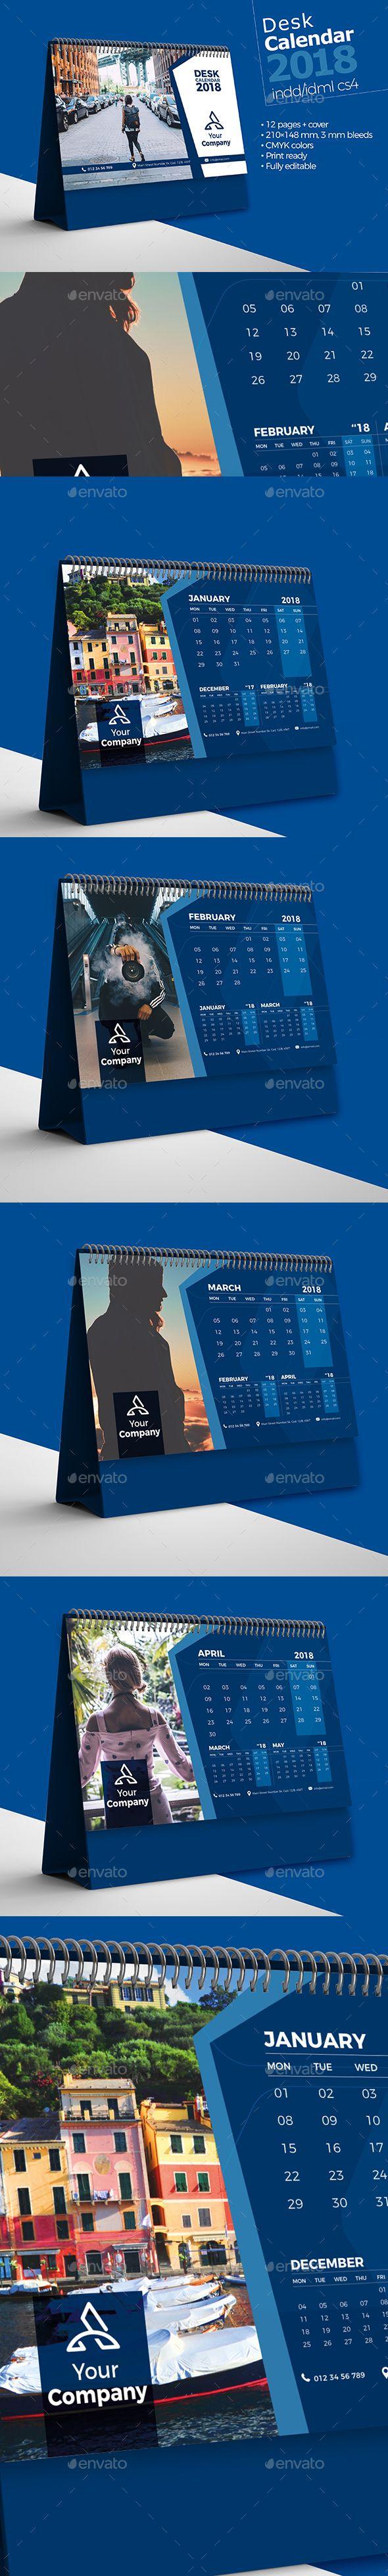 Desk Calendar 2018 - Calendars Stationery#calendars  #stationery  #DeskCalendar  #graphicriver  #Design #Desk